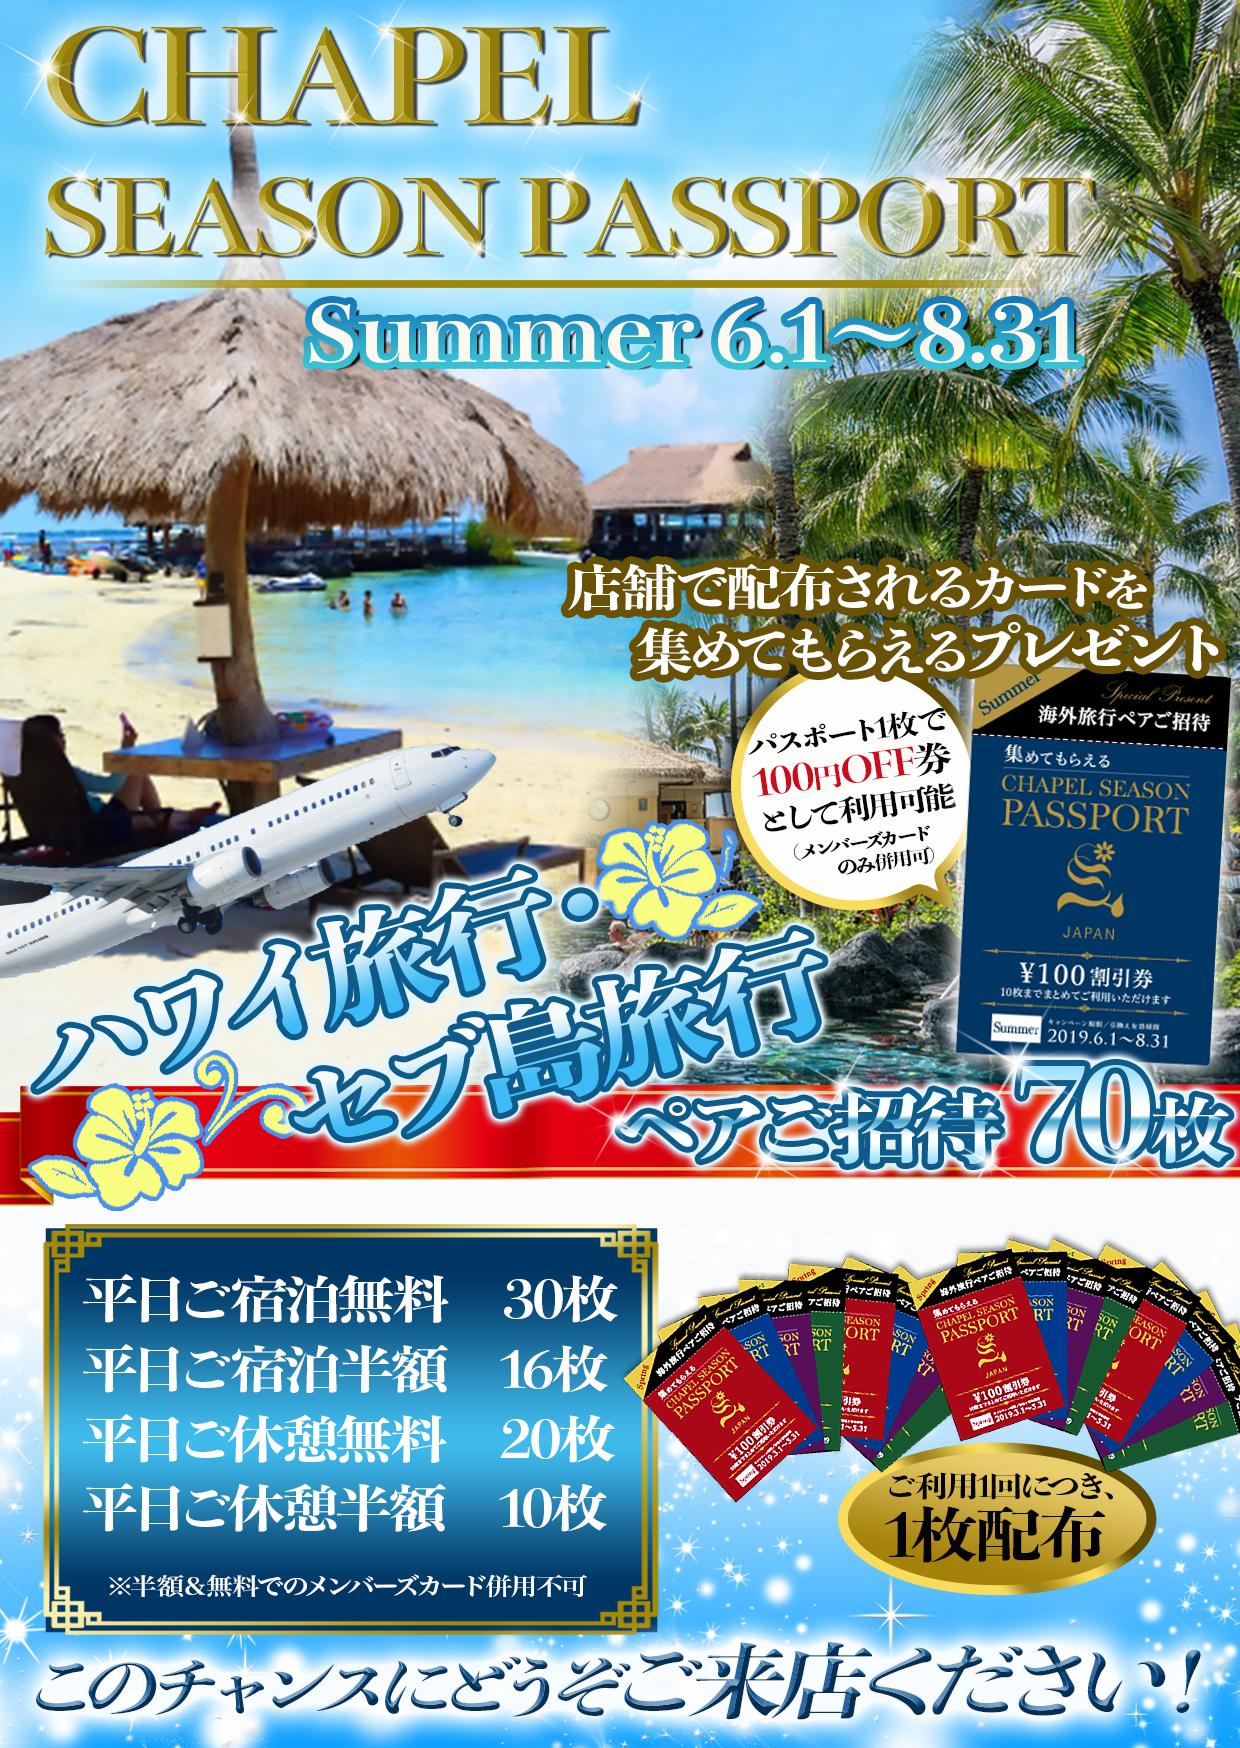 ハワイ旅行ご宿泊ペアご招待!!